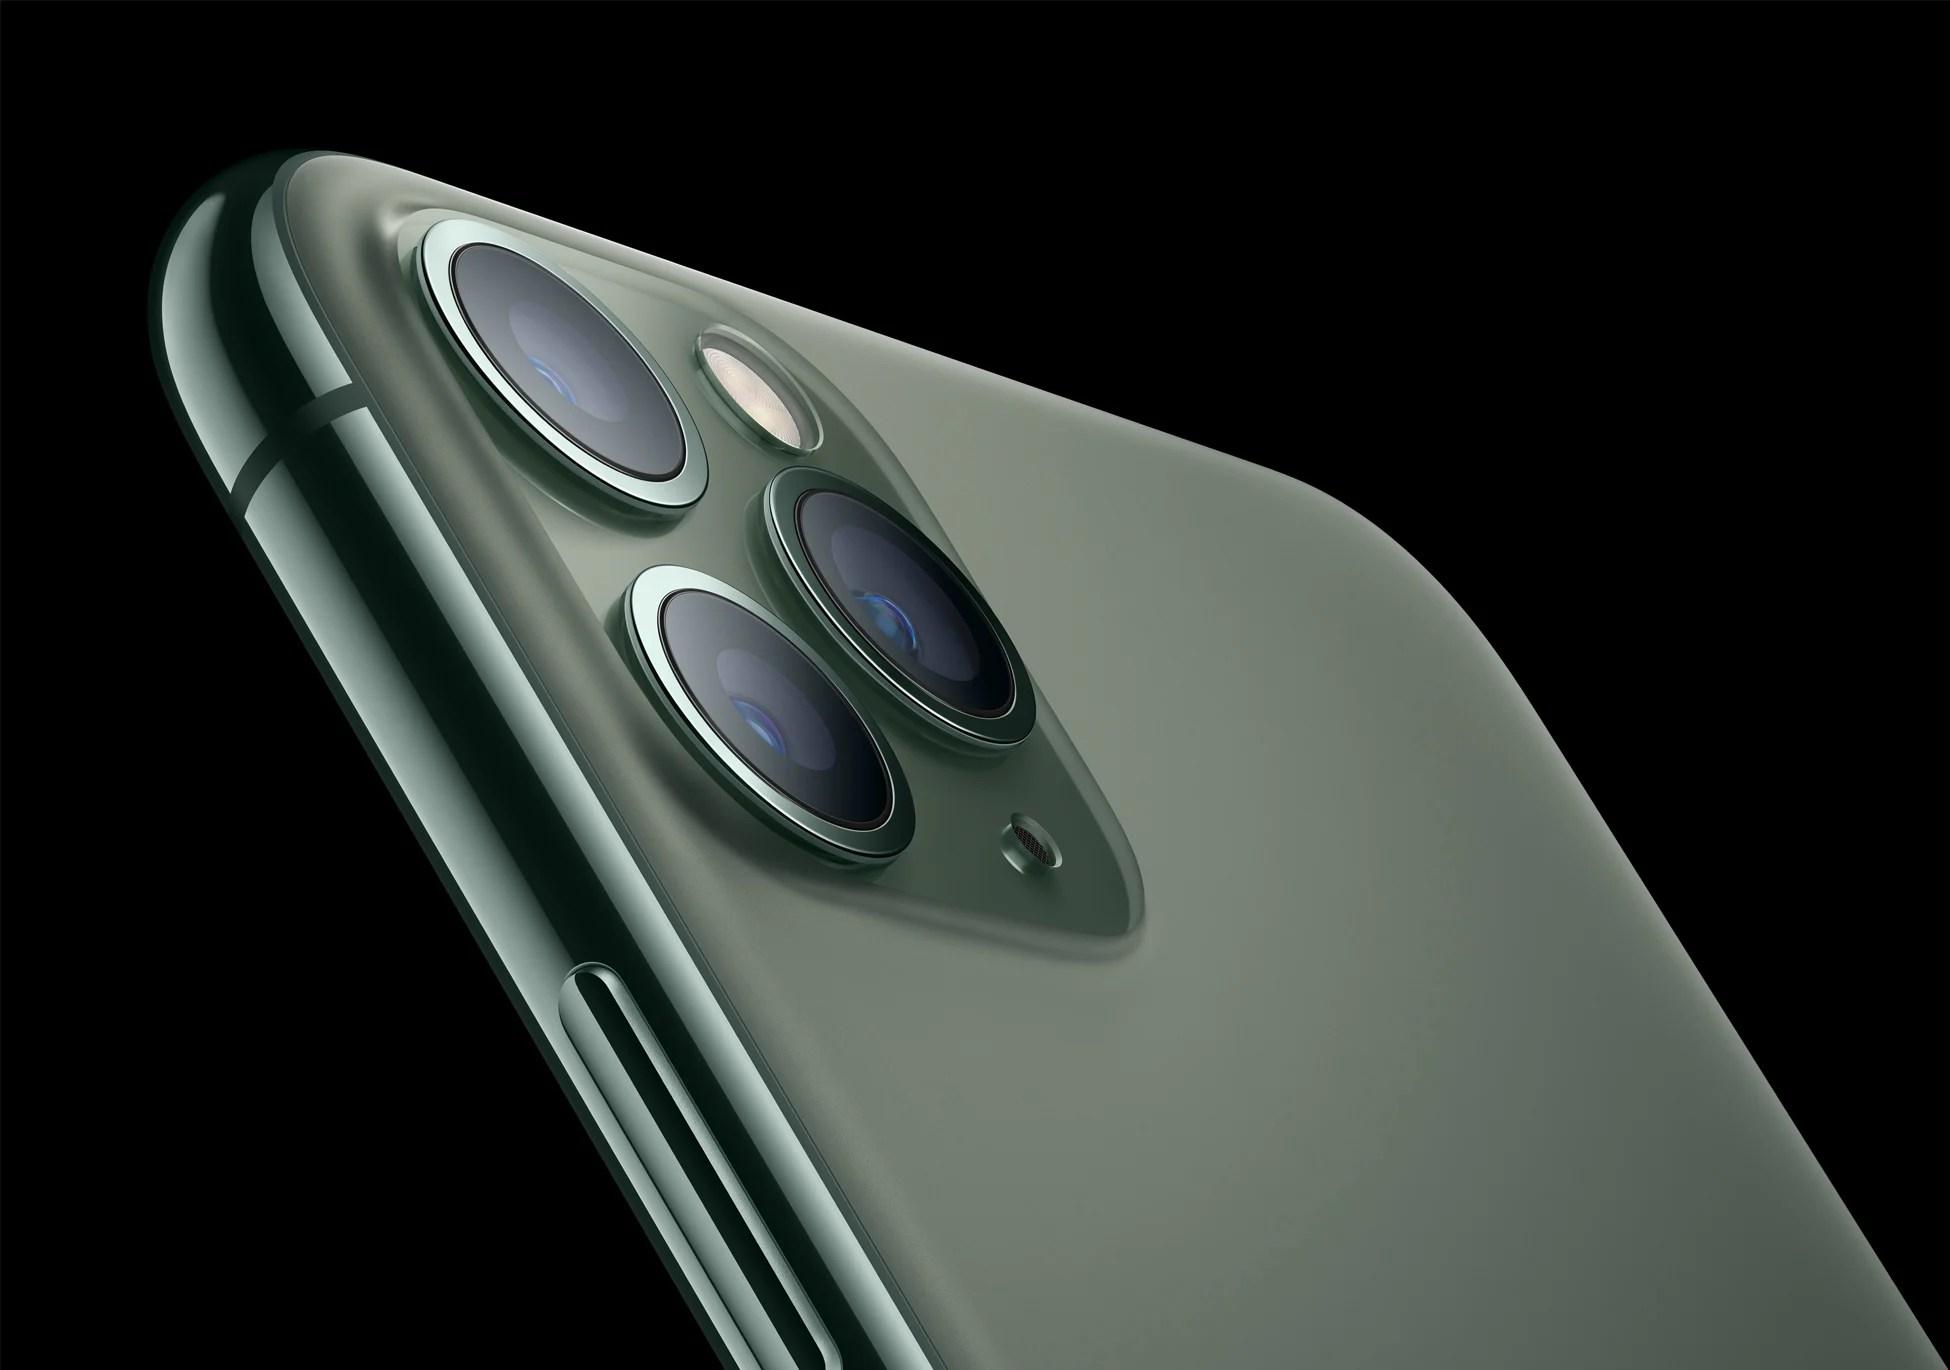 Que pensez-vous des nouveaux iPhone 11 ? – sondage de la semaine